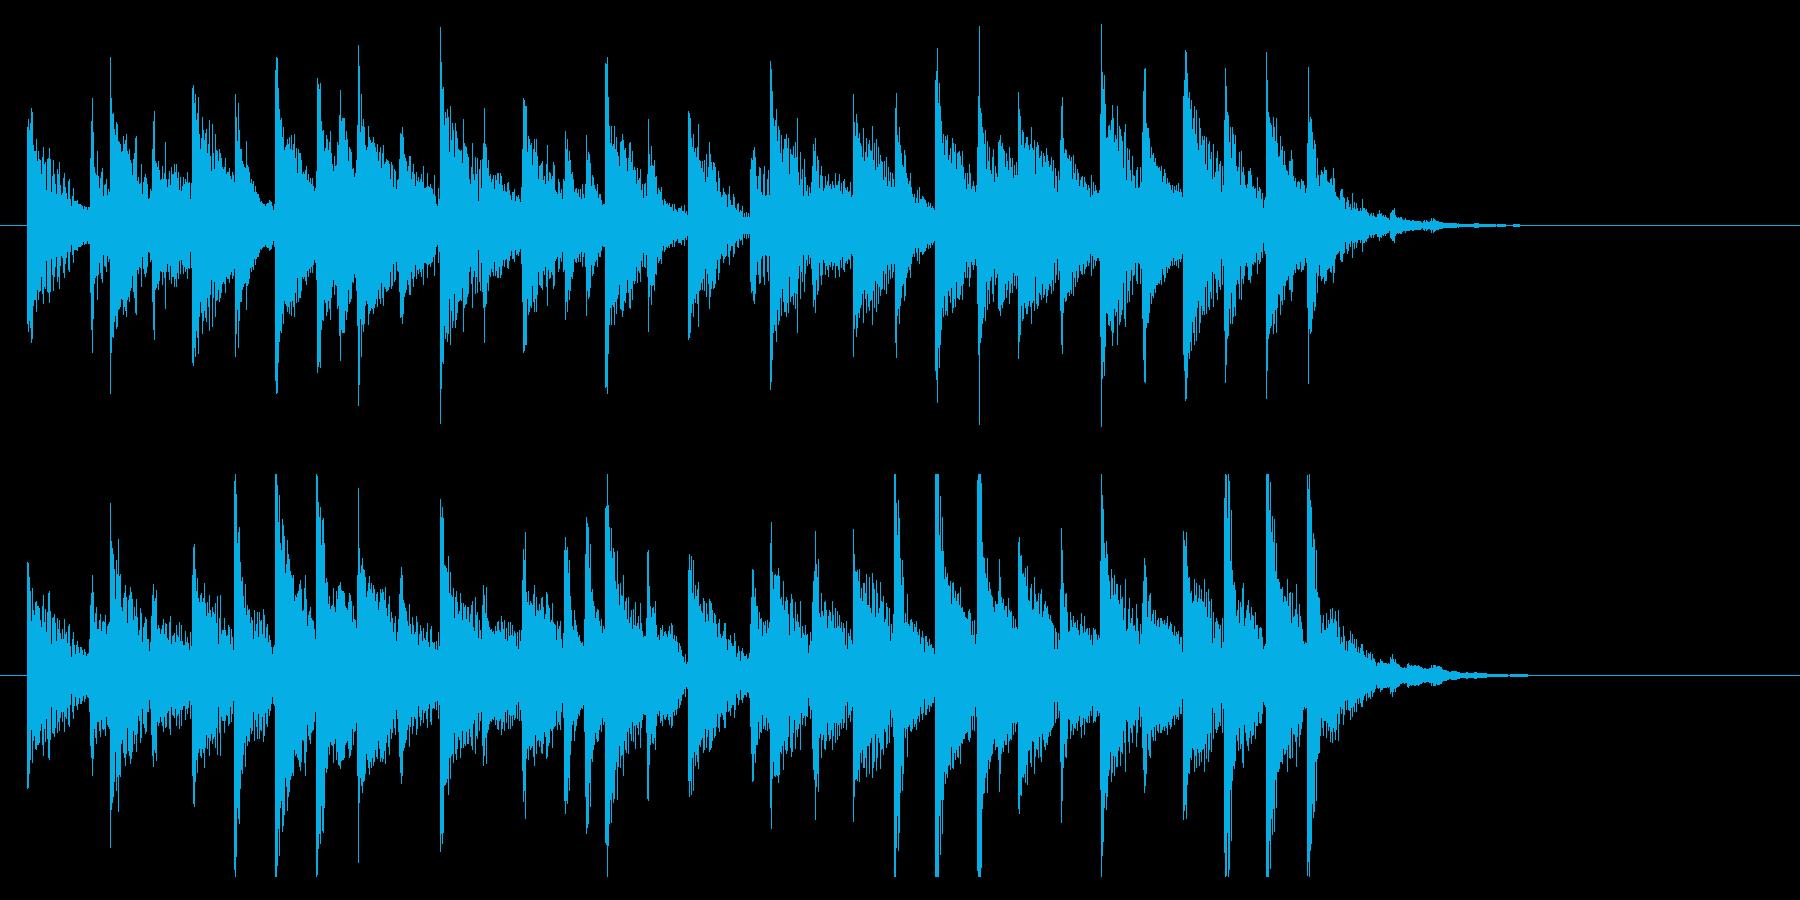 華やかで軽快な和風EDMジングル1の再生済みの波形